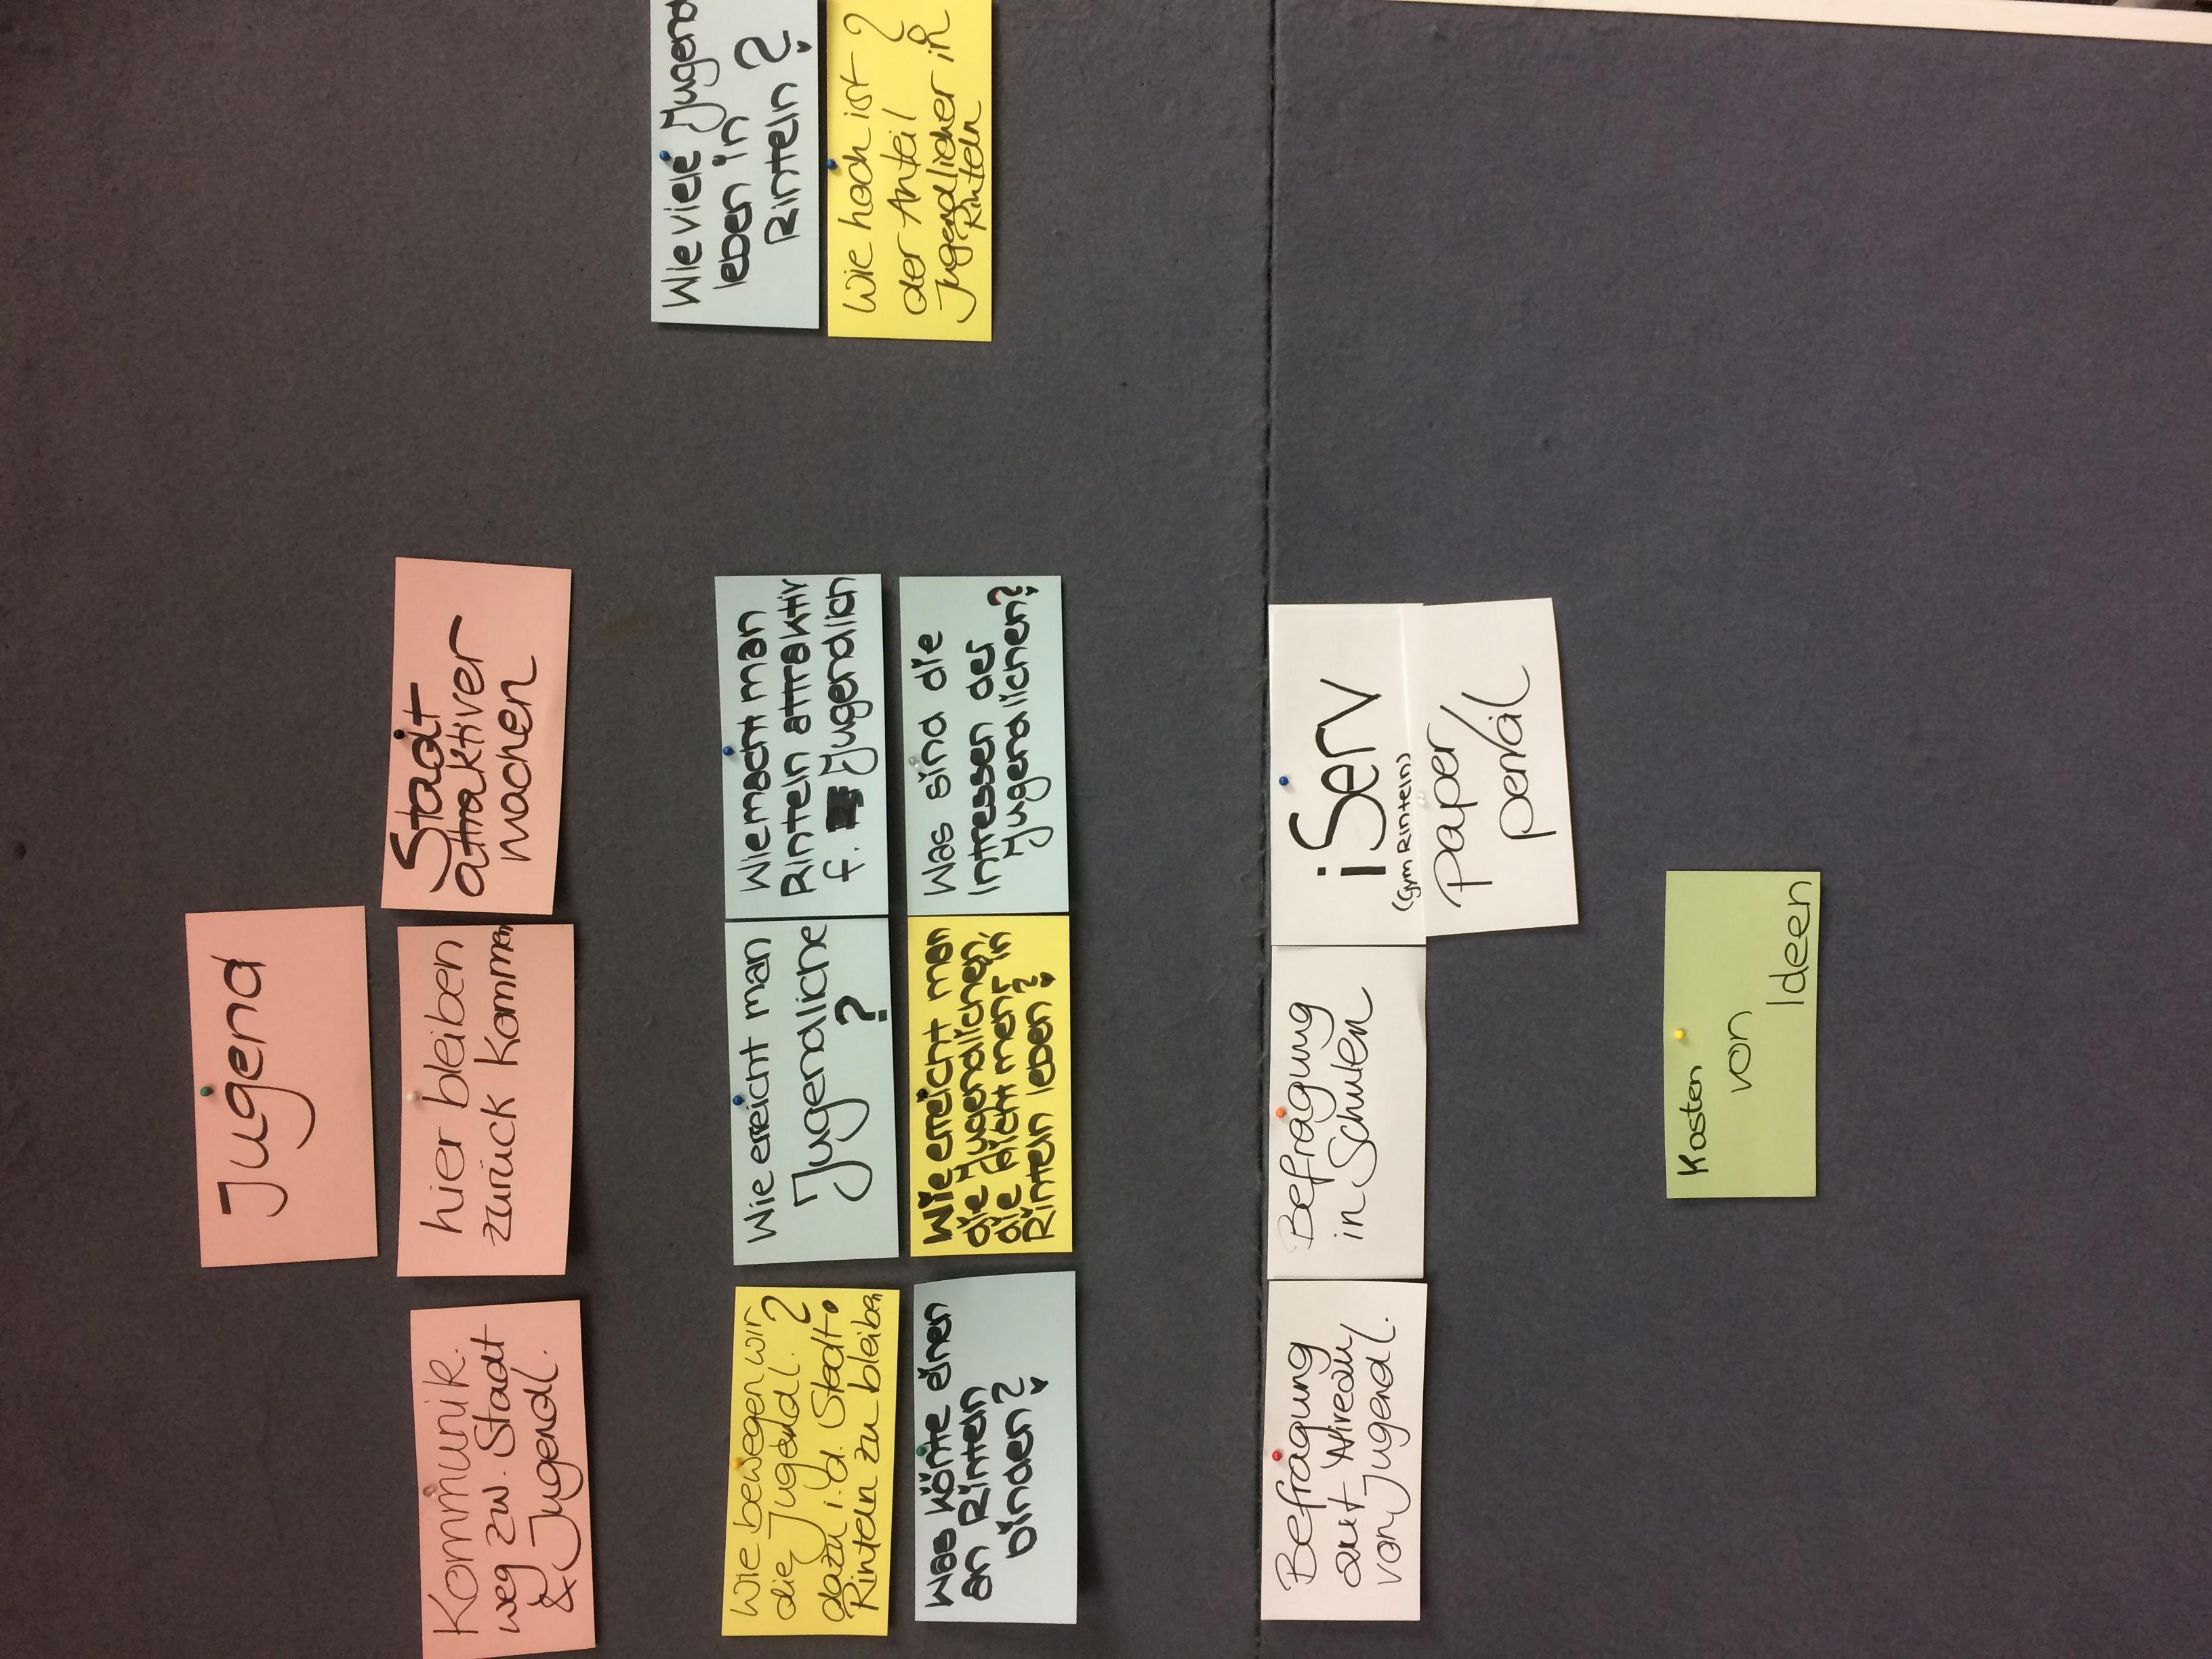 Vorbereitung der Schülerbefragung im Workshop